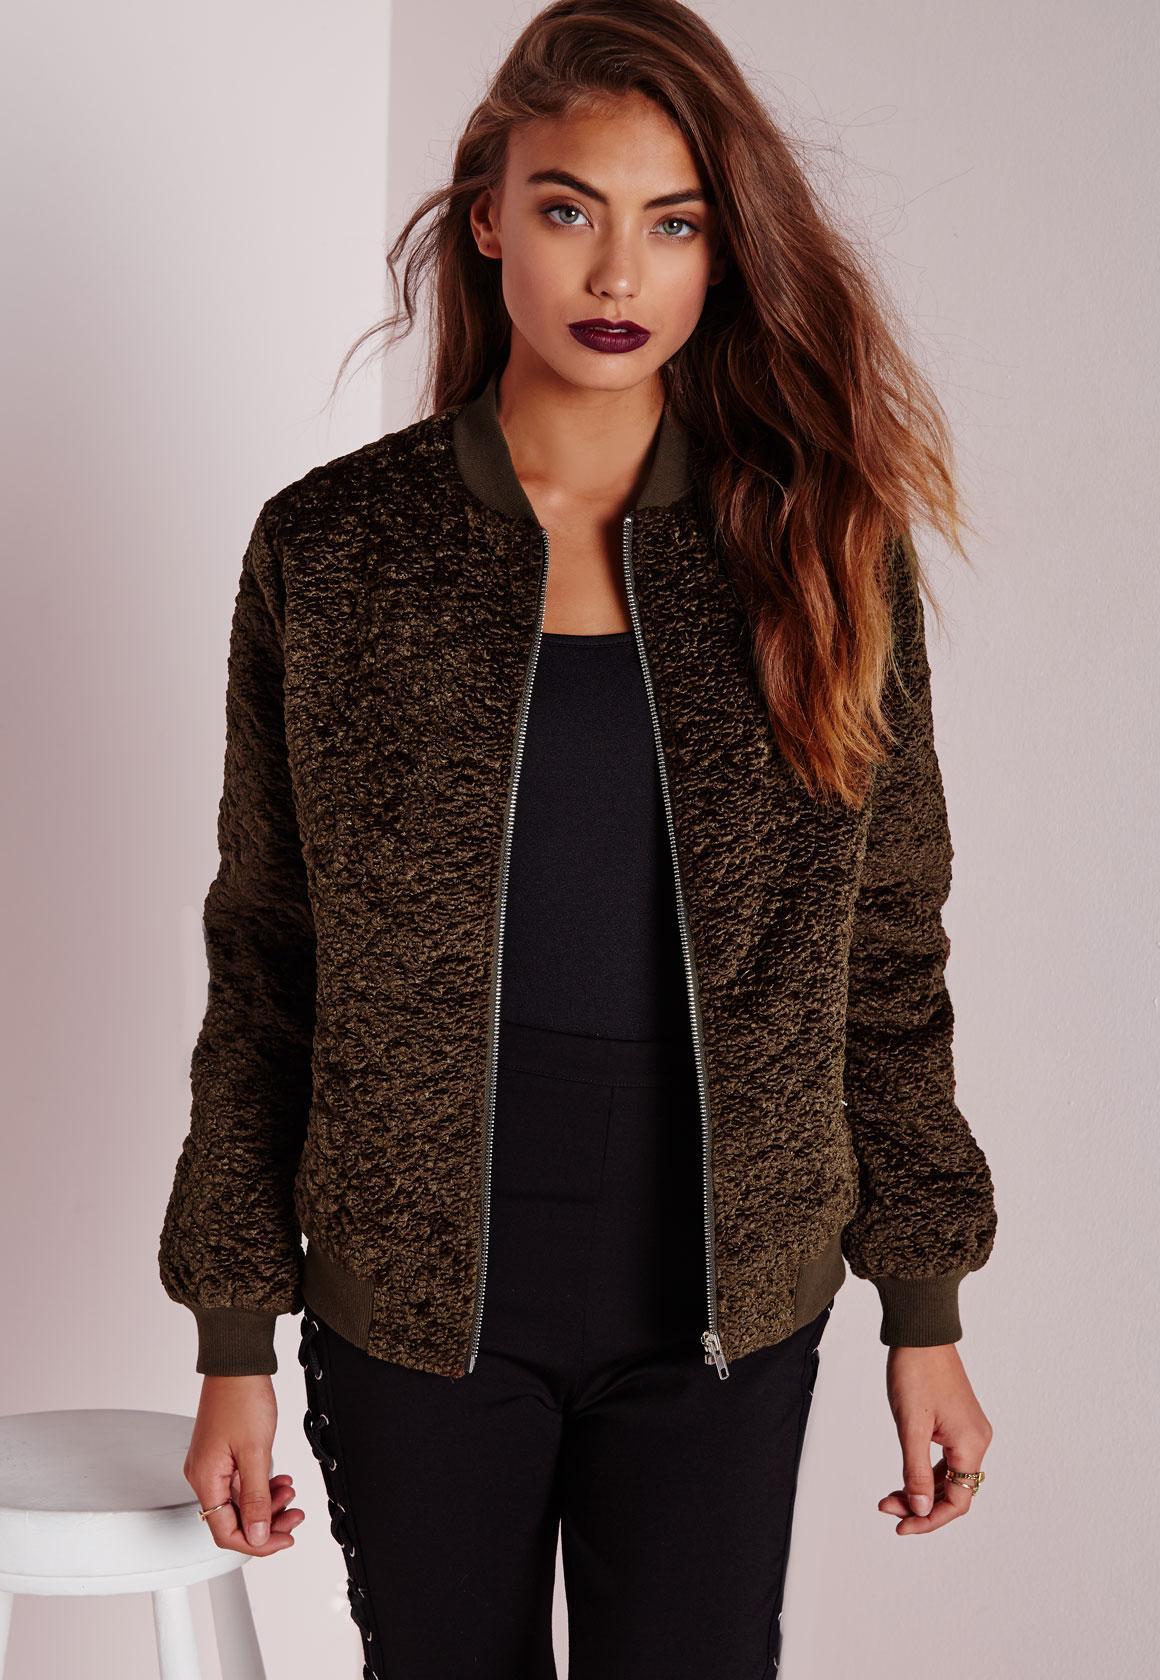 Wool Bomber Jacket Khaki   Missguided